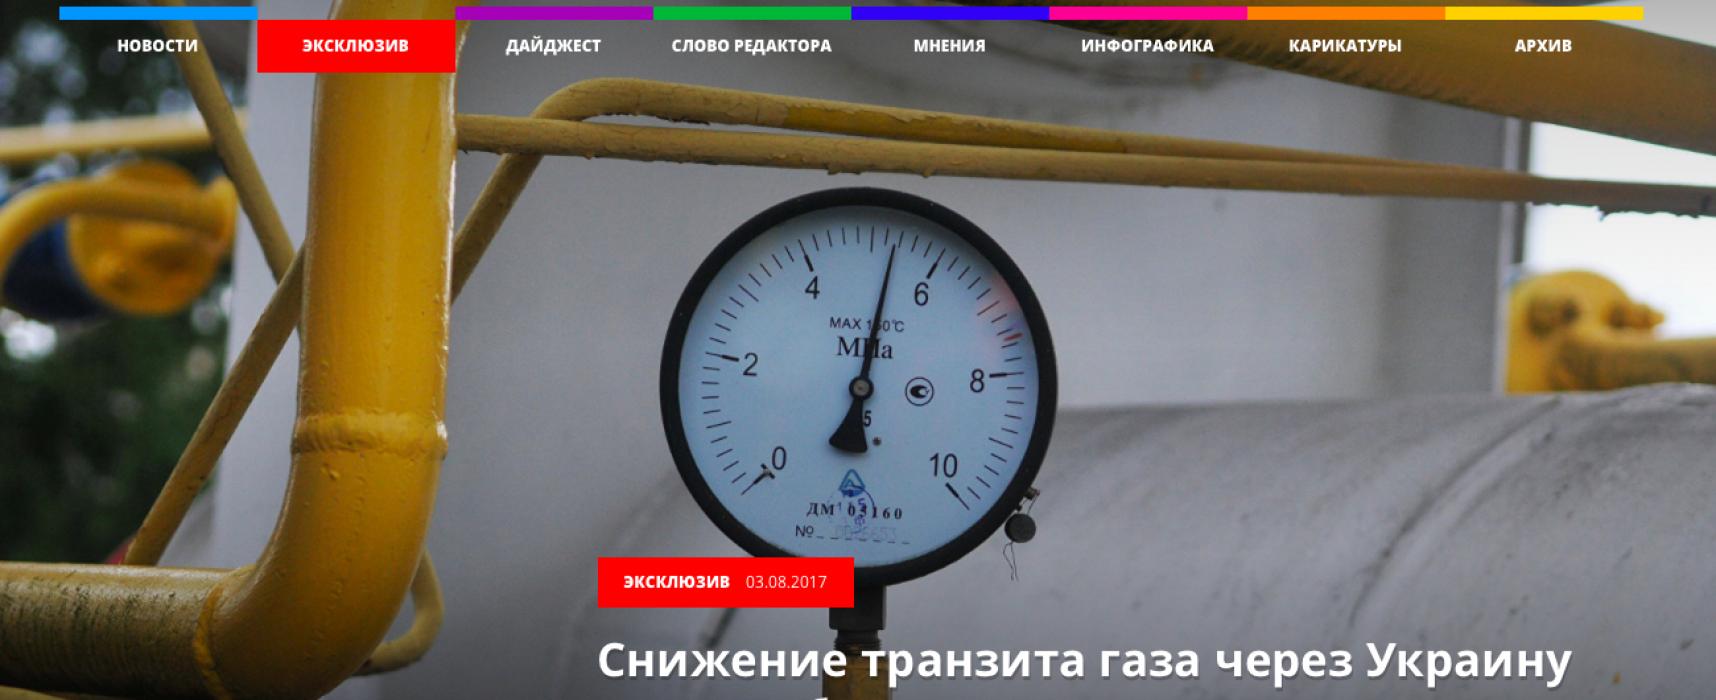 Fake: Zmniejszenie tranzytu gazu przez Ukrainę grozi dewaluacją hrywny i zamknięciem Gazowego systemu przesyłowego Ukrainy